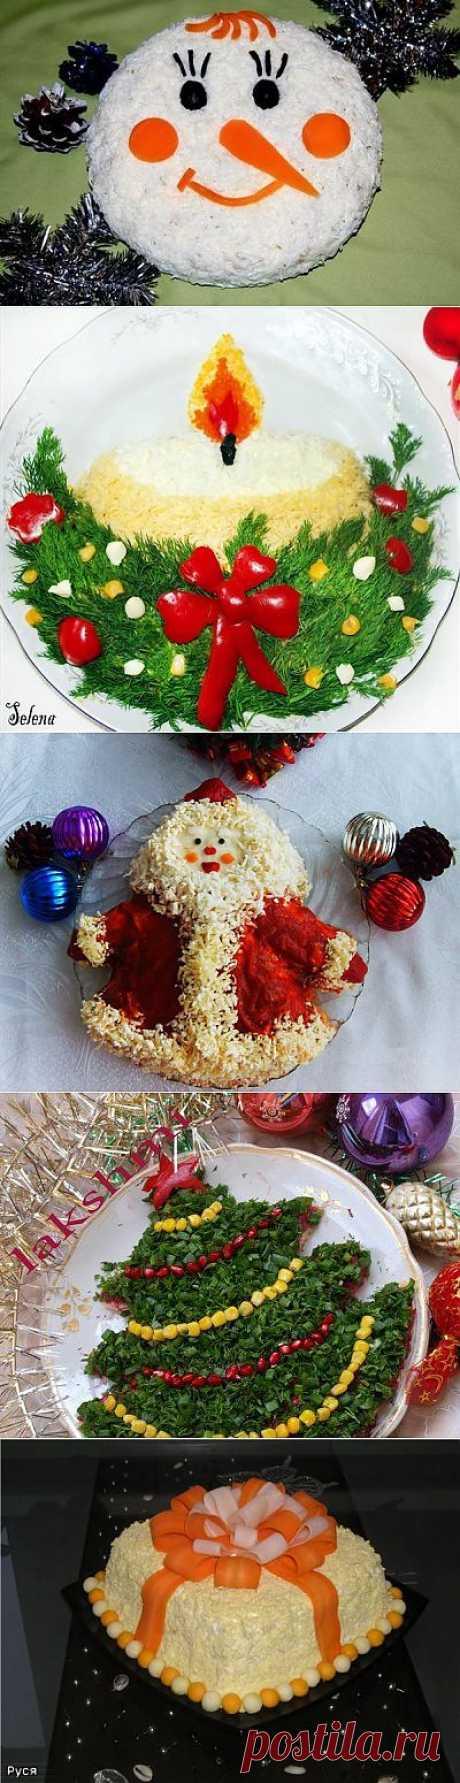 Супер красивые новогодние блюда!.